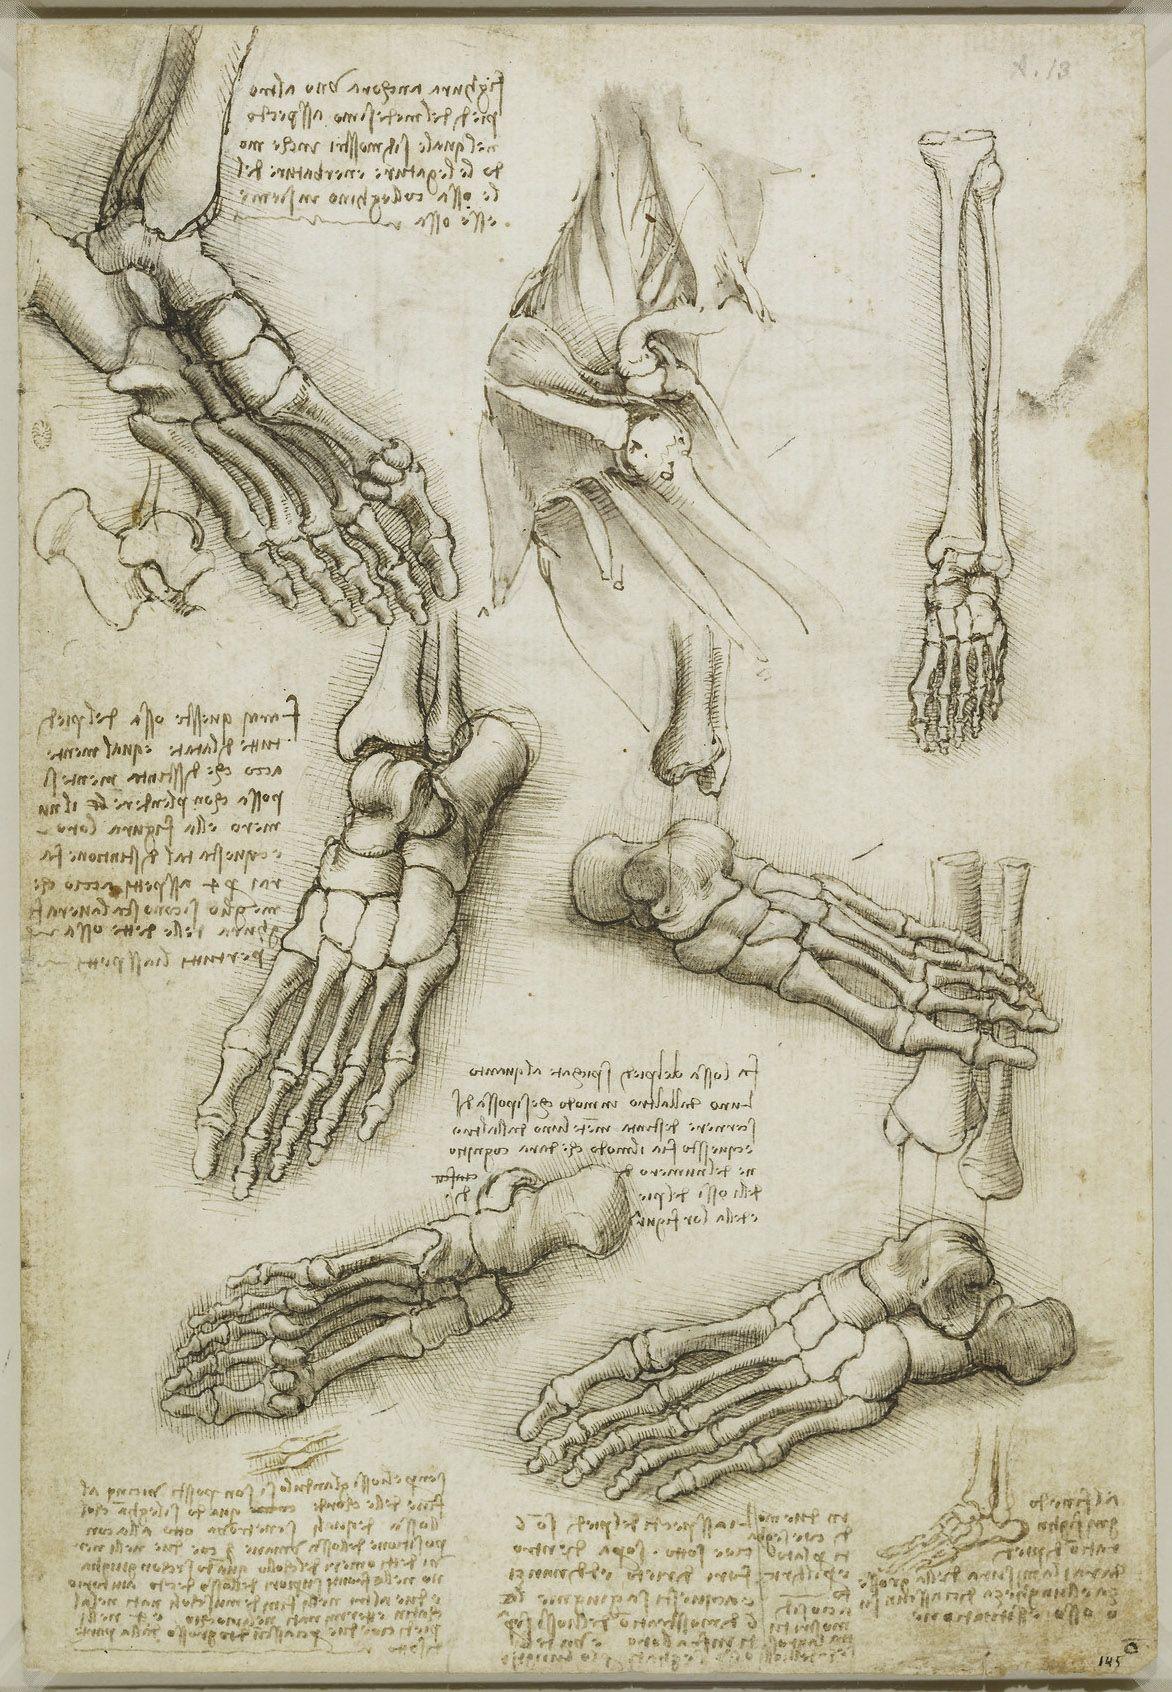 Fallout 3 Sexus within leonardo da vinci (vinci 1452-amboise 1519) - recto: the bones of